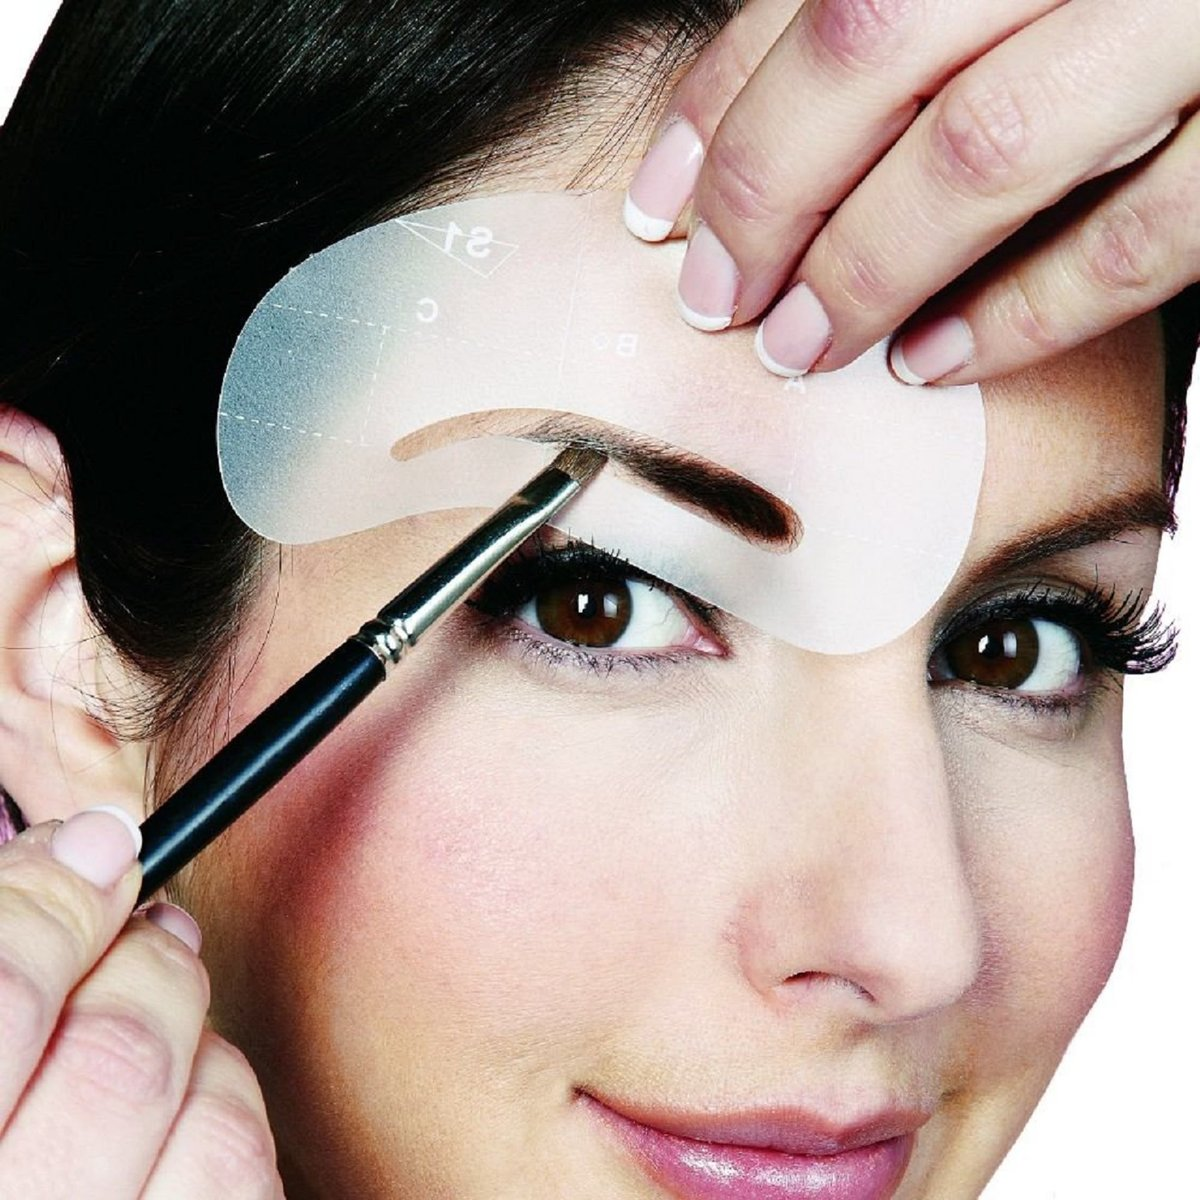 Пошаговая инструкция с фото, как правильно красить брови тенями